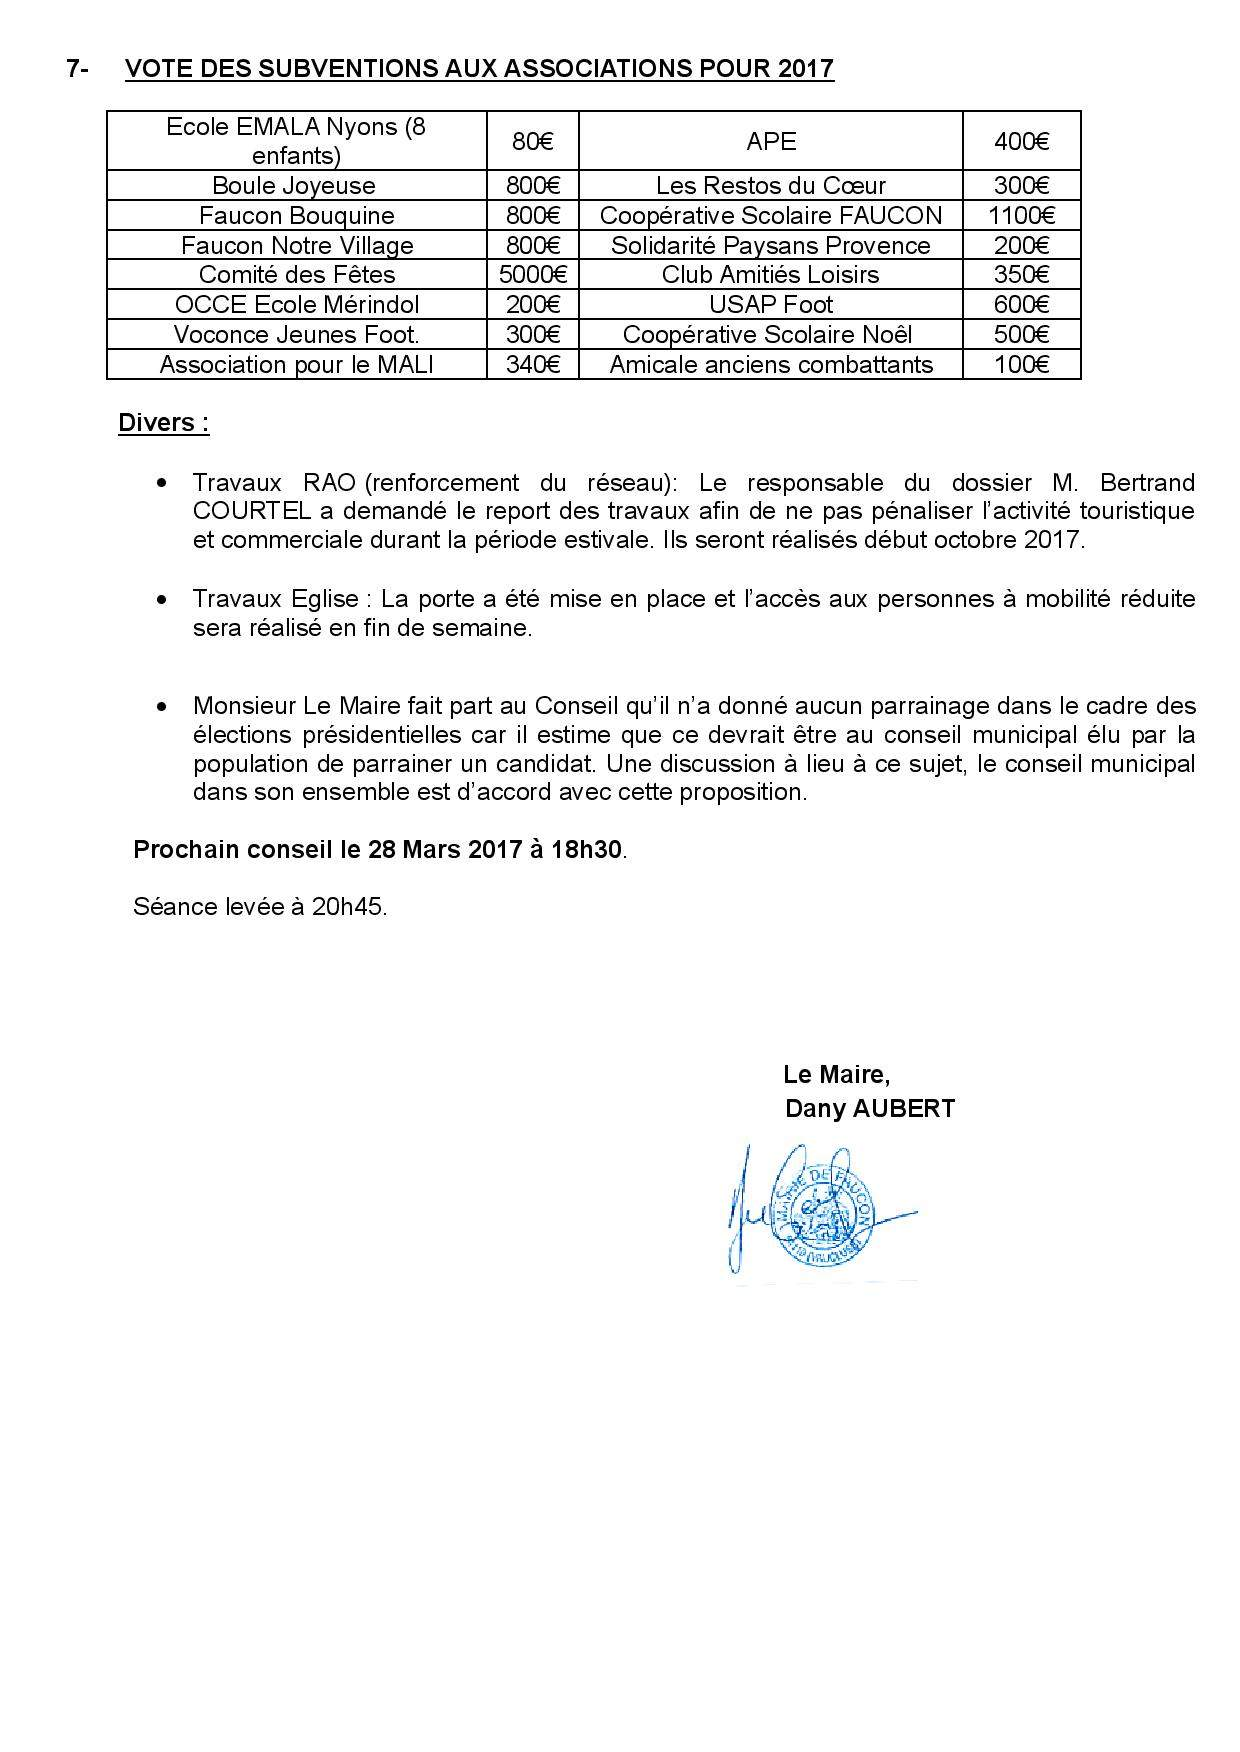 Compte-rendu sommaire du Conseil municipal du 14 mars 2017